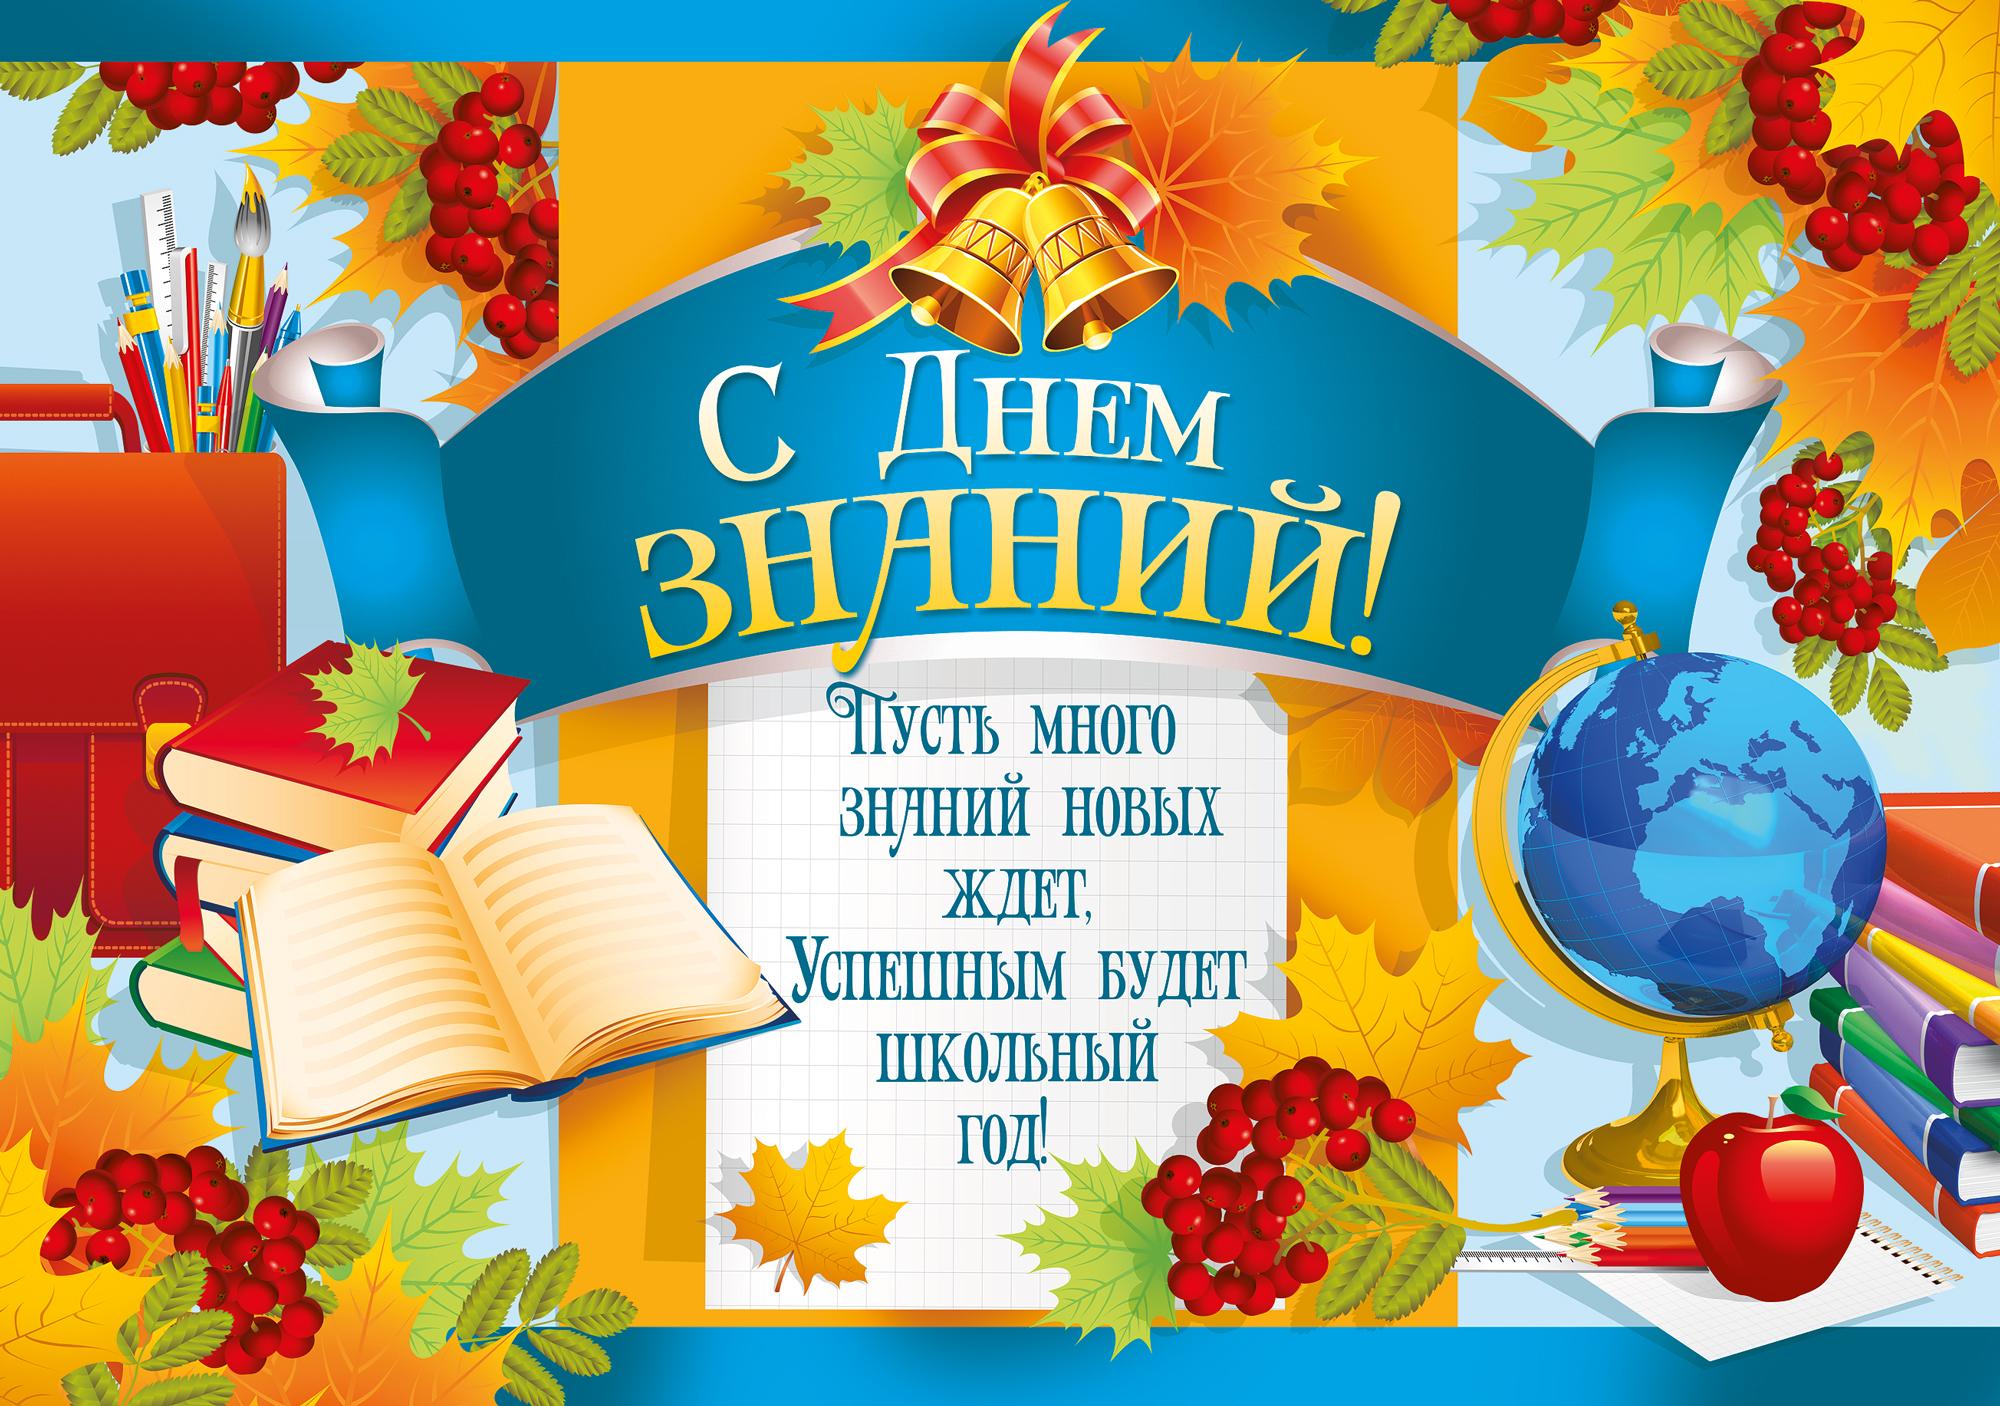 Дню поселка, открытка с днем знаний для родителей первоклассника